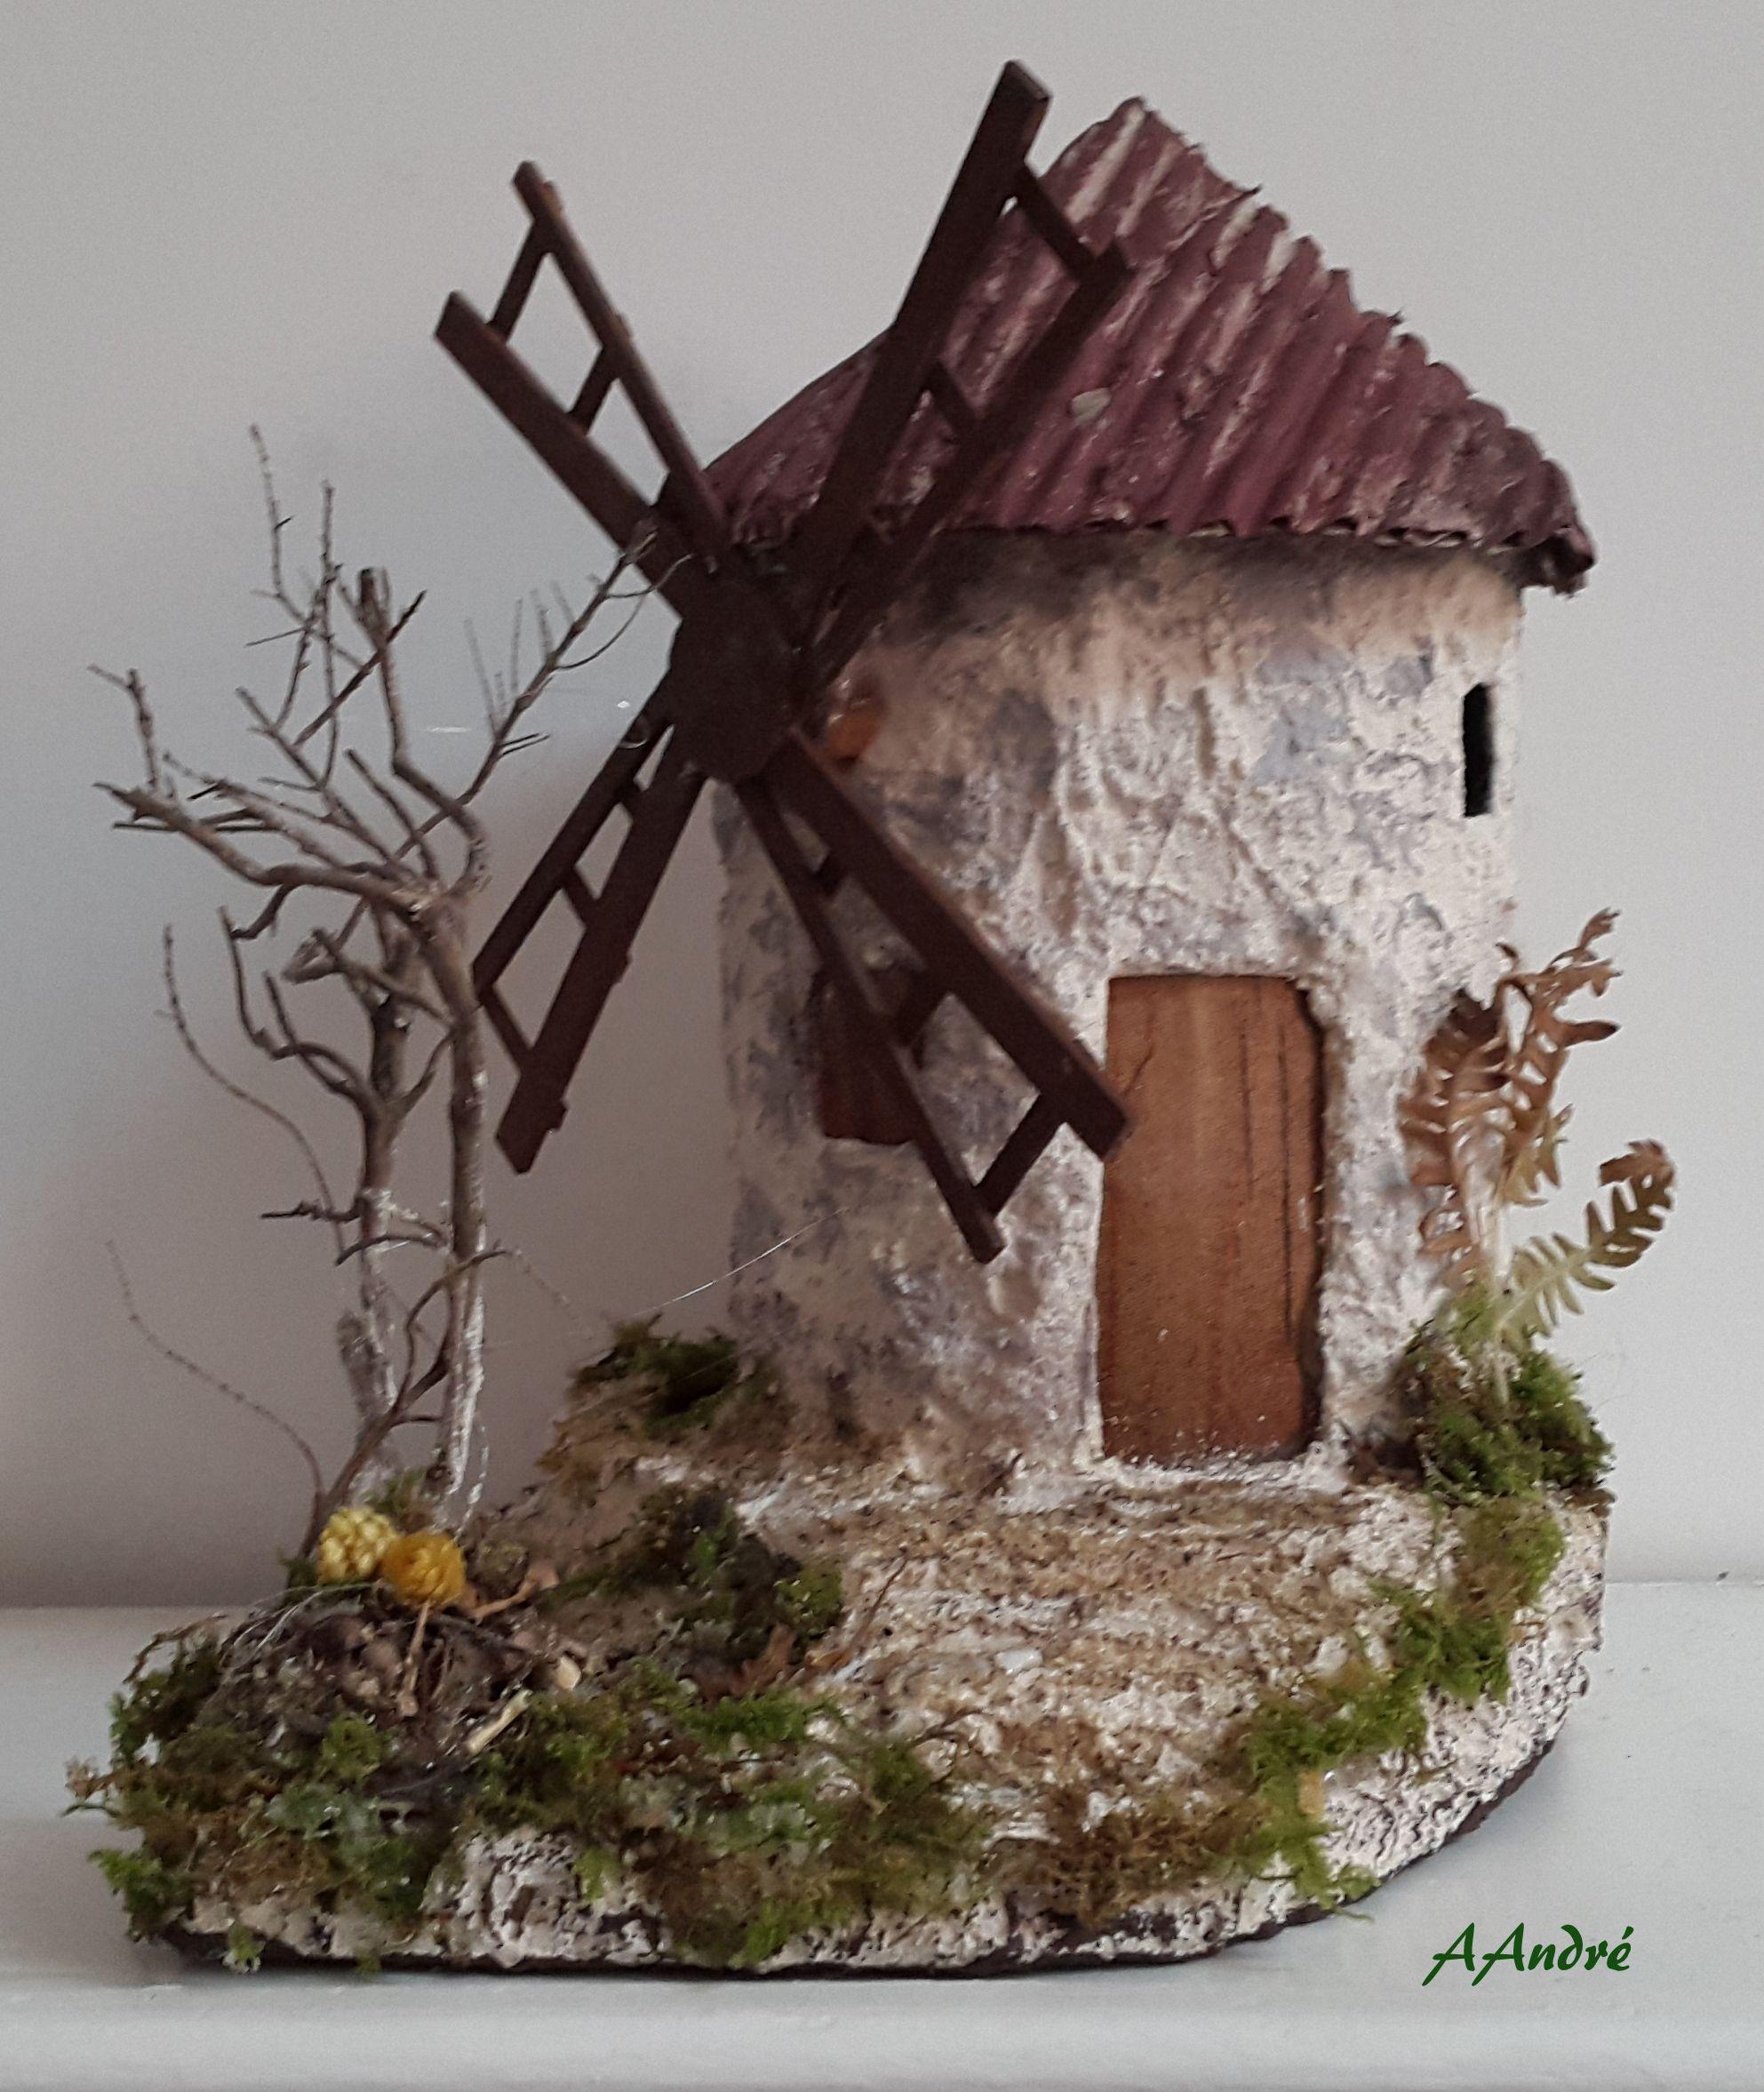 fleur de patch fairies fairy houses miniatures glitter houses. Black Bedroom Furniture Sets. Home Design Ideas